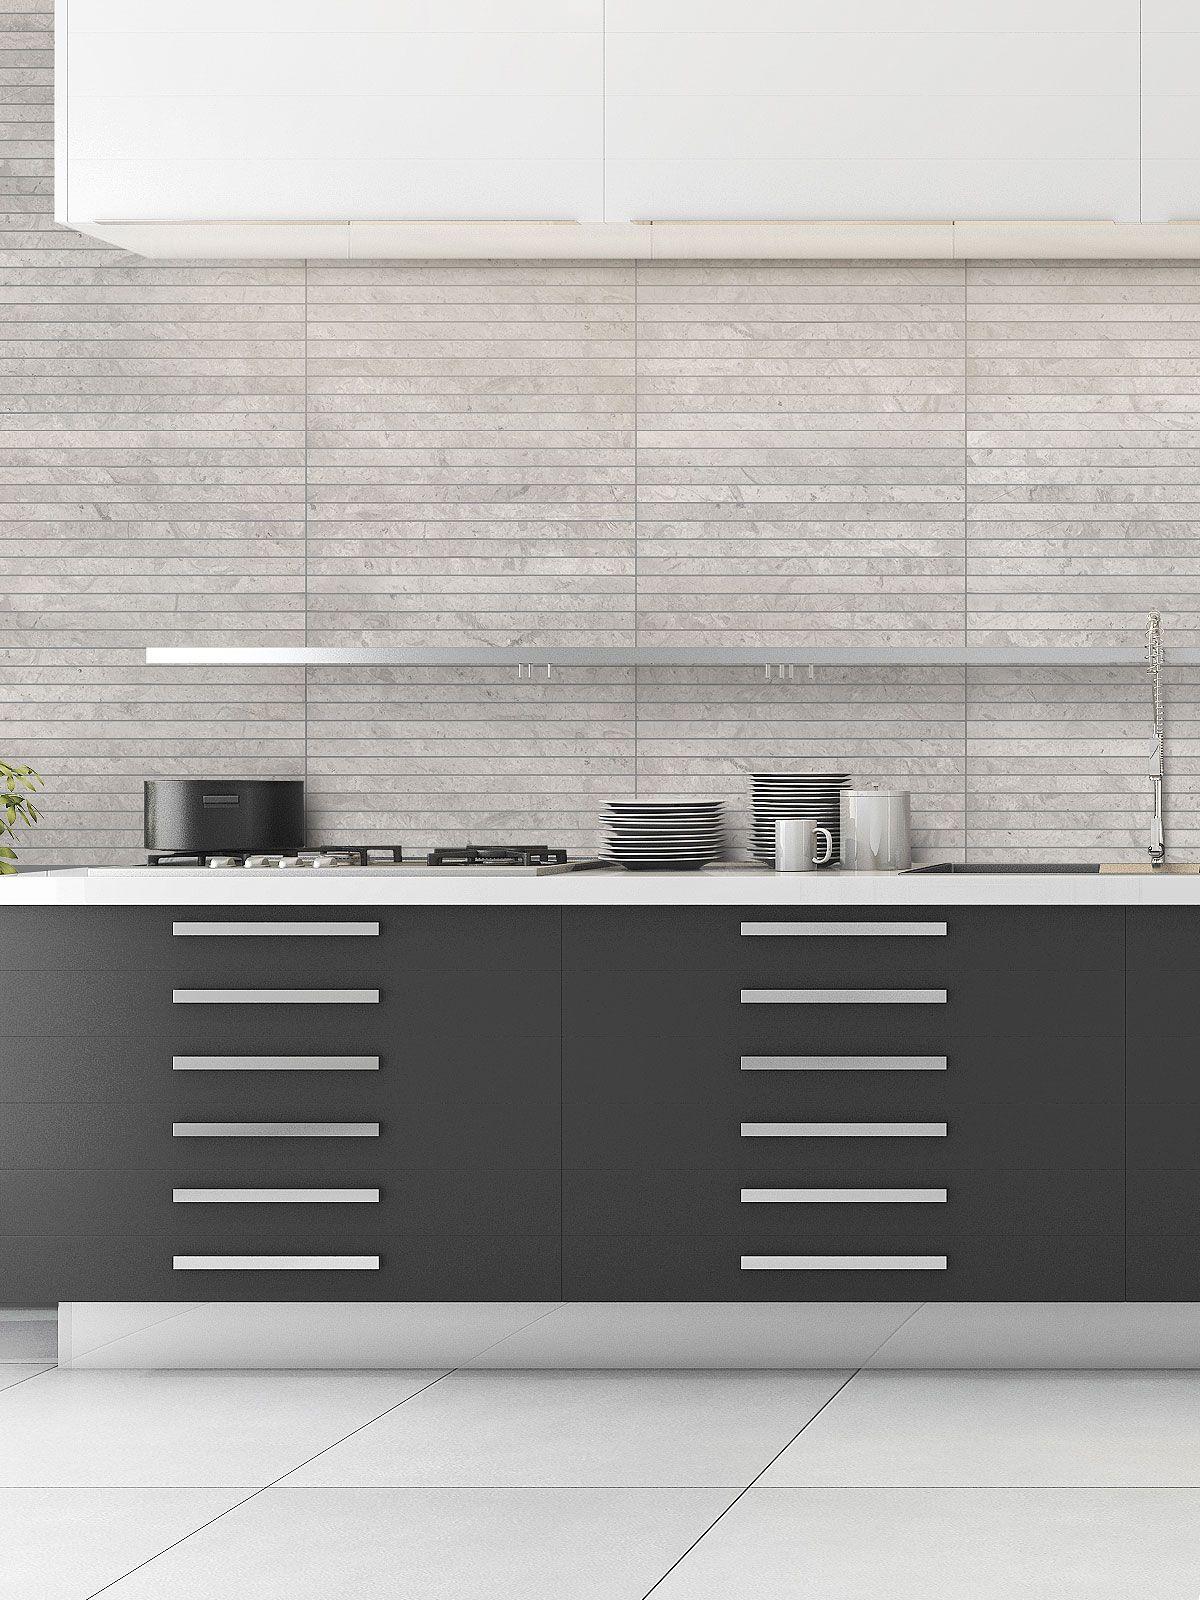 Modern Light Gray Subway Backsplash Tile Contemporary Design In 2020 Contemporary Kitchen Backsplash Contemporary Style Kitchen Modern Kitchen Backsplash